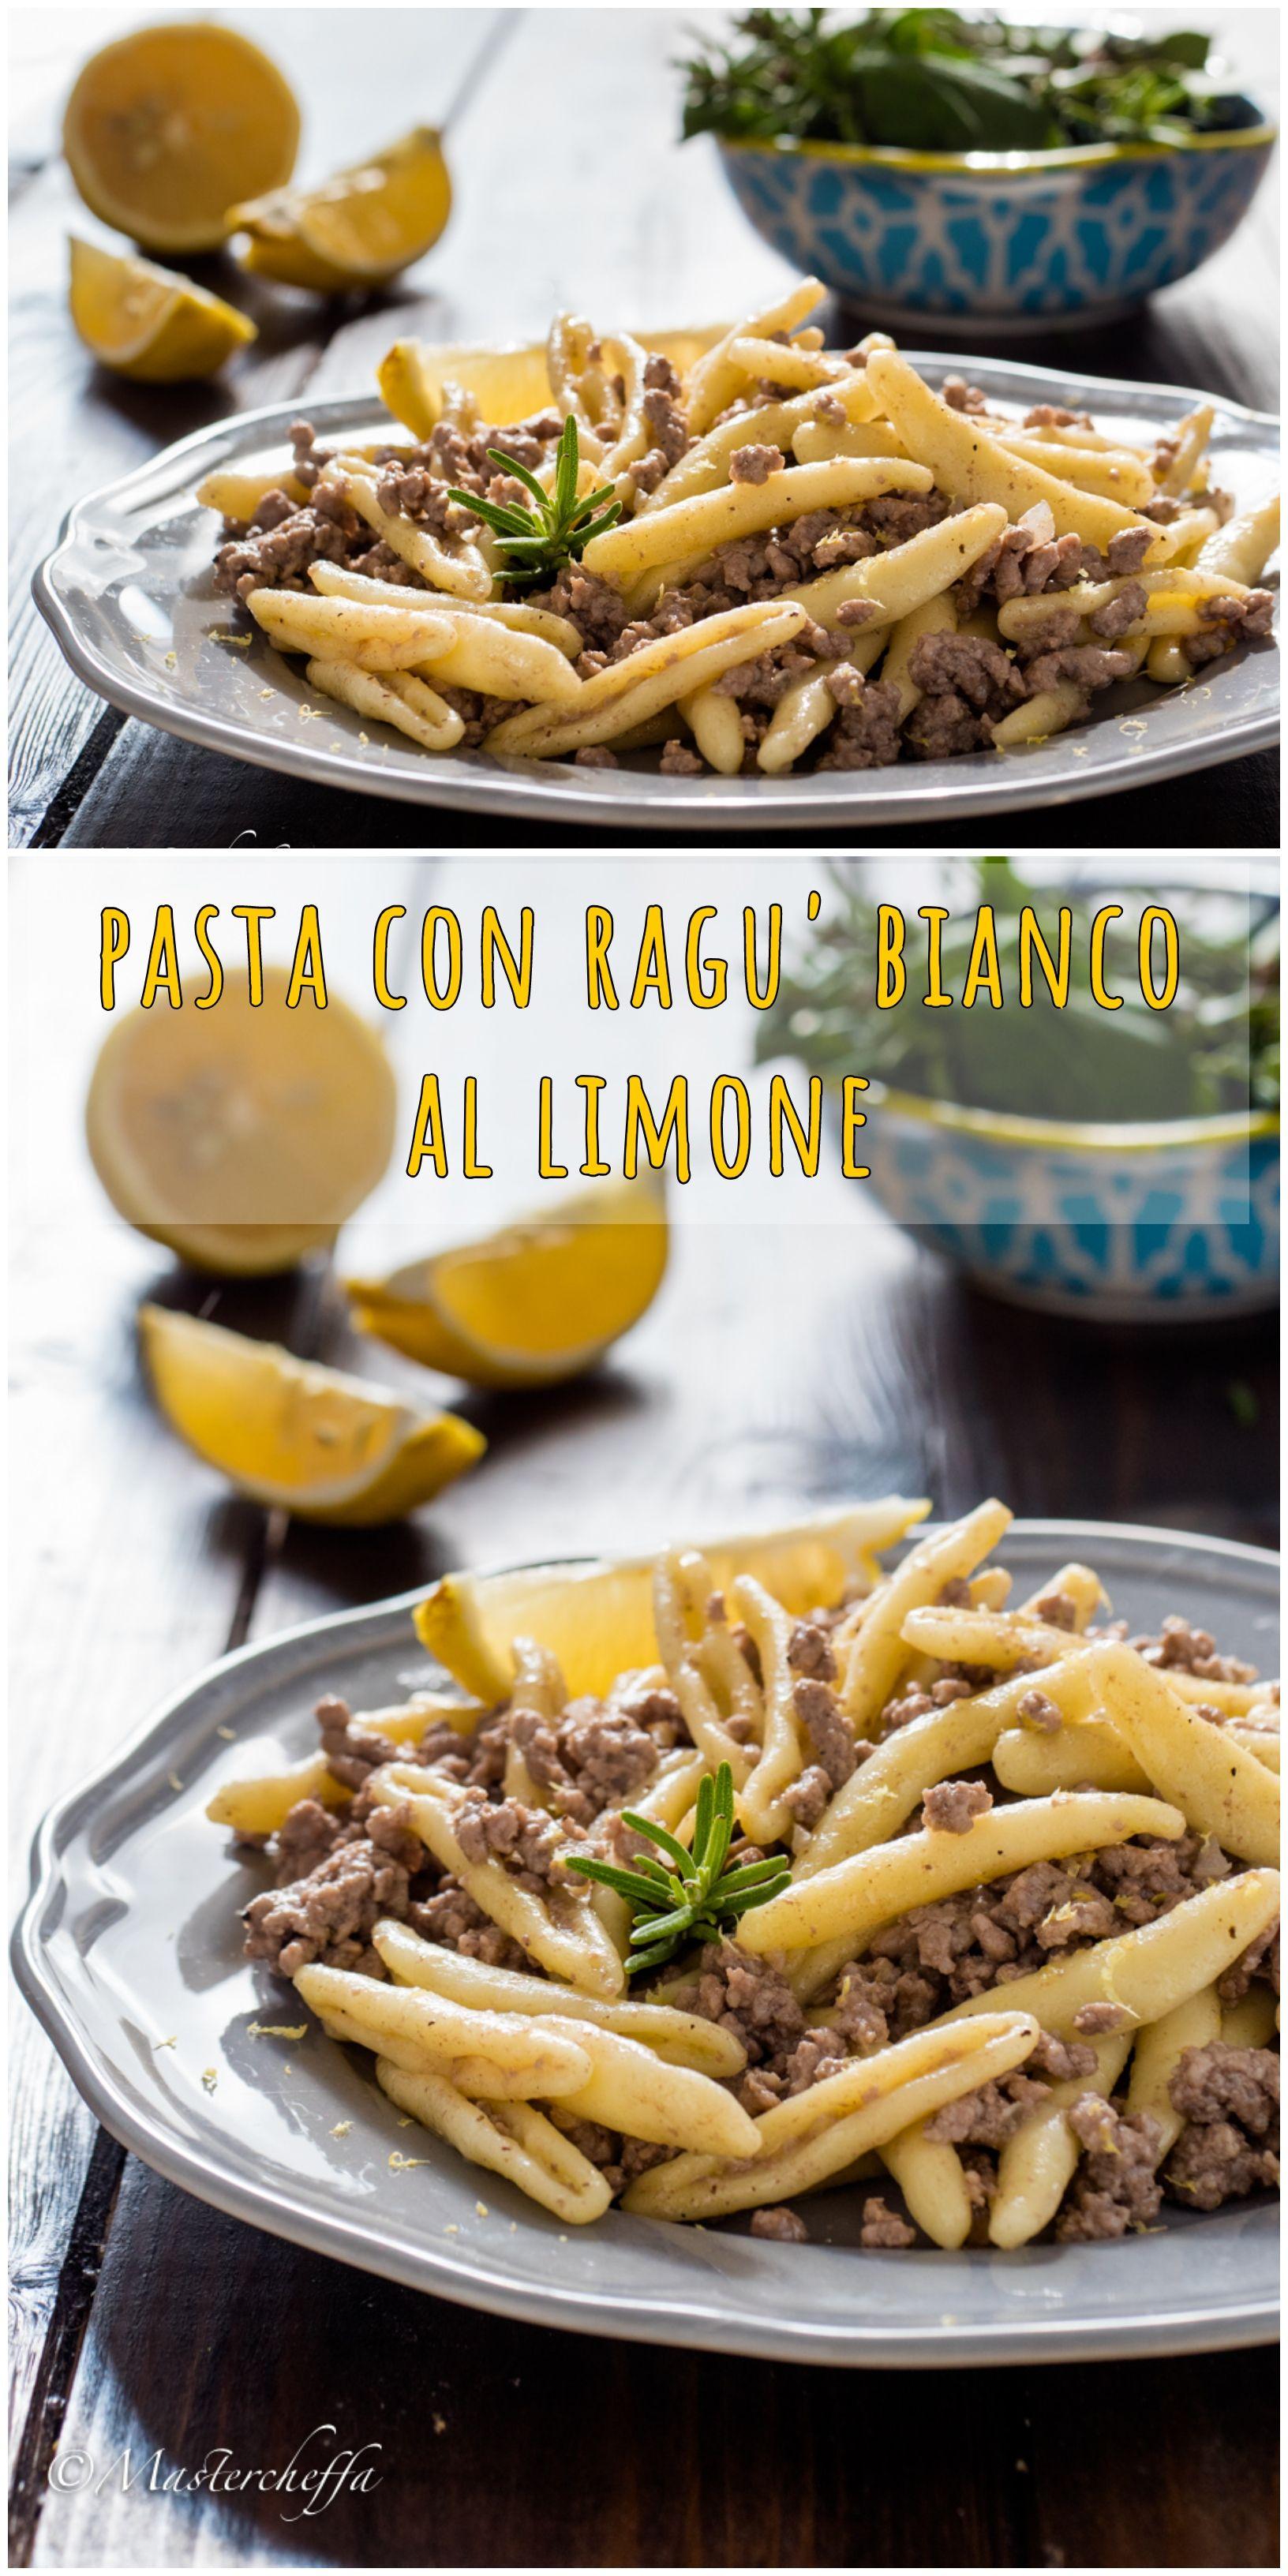 960d224f1af25fab77769c76277e7cb0 - Giallozafferano Ricette Veloci